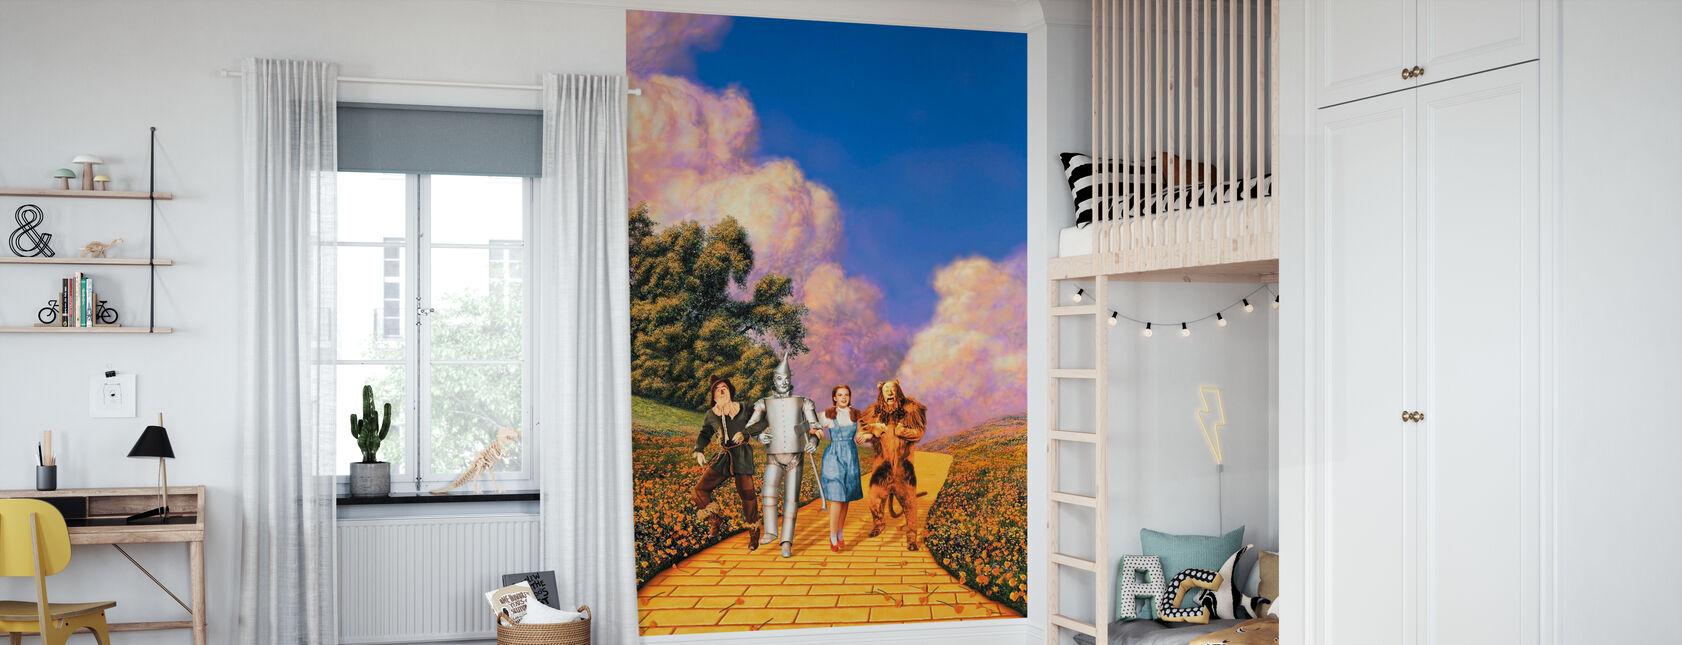 Wizard of Oz - Wallpaper - Kids Room